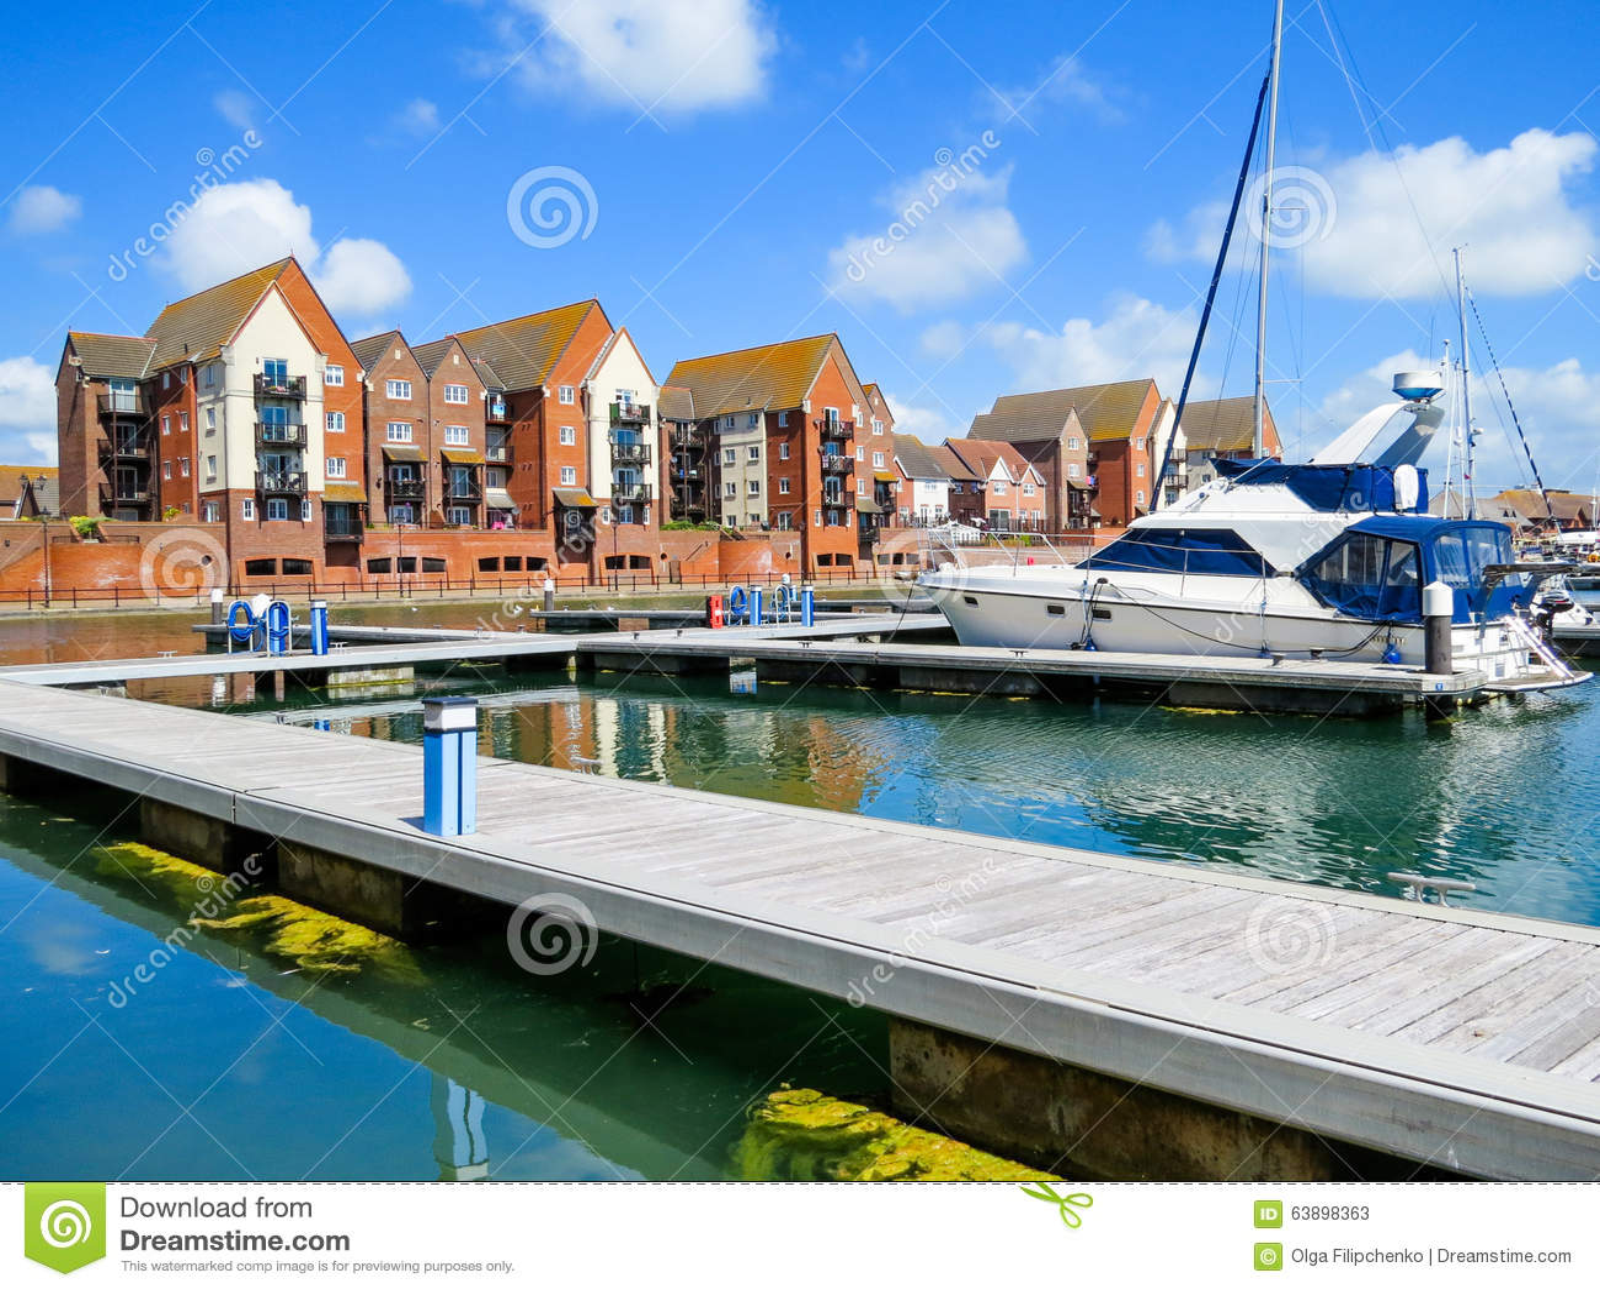 游艇在宗主港口小游艇船坞,伊斯特本,东萨塞克斯郡,英国(英国)停泊了.